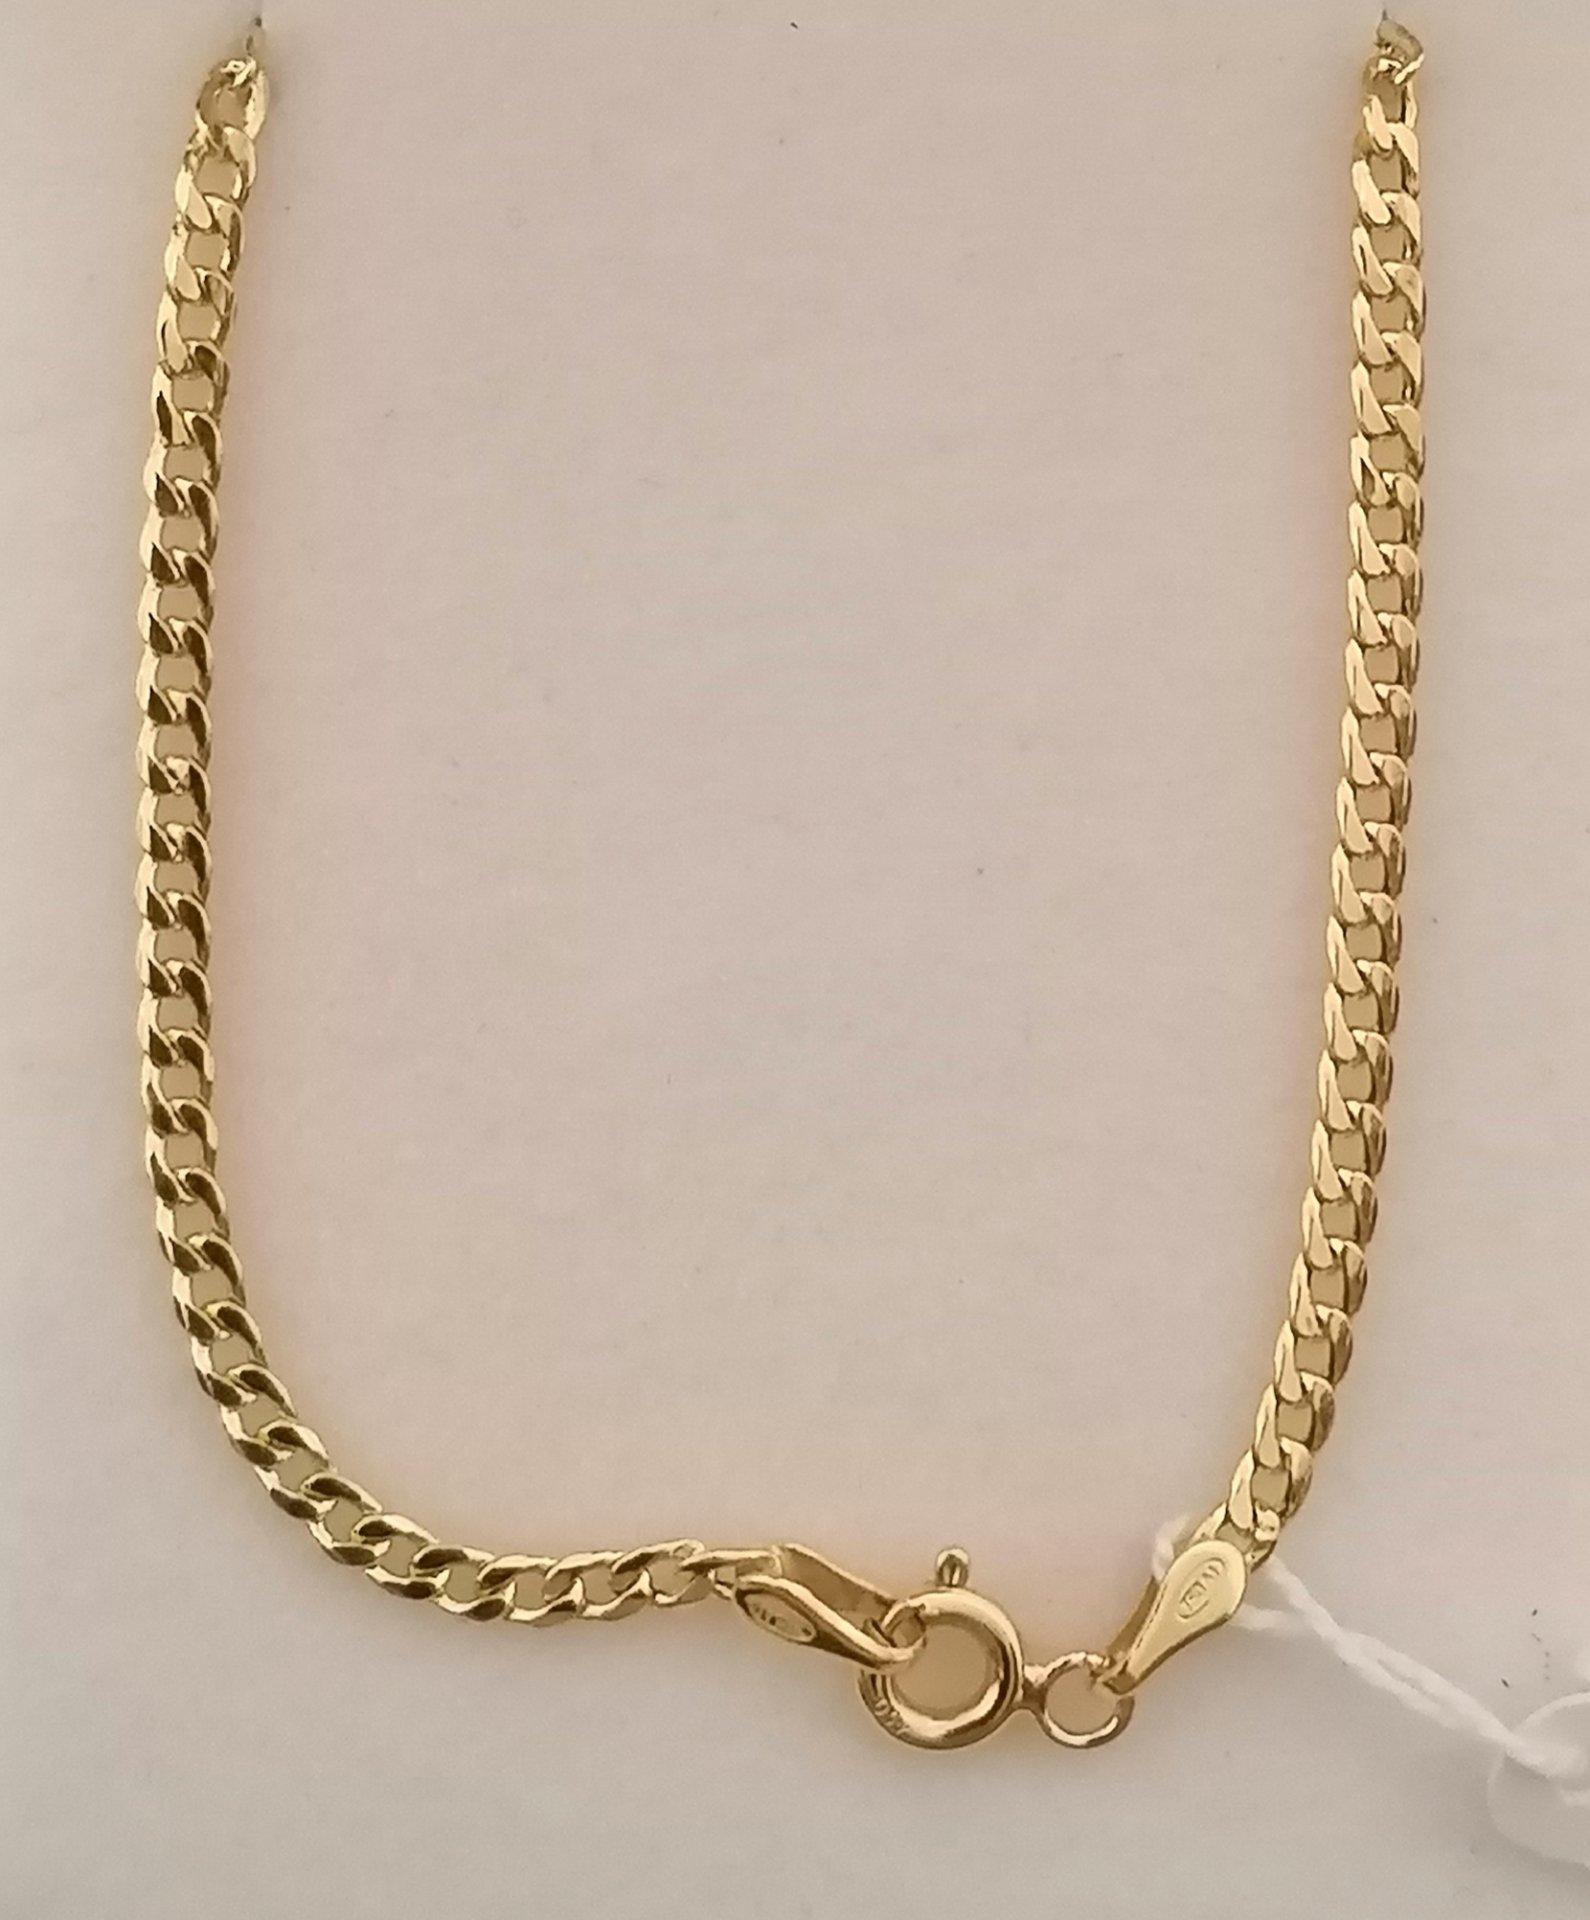 cadena de oro barbada con broche de reasa y contraste del fabricante